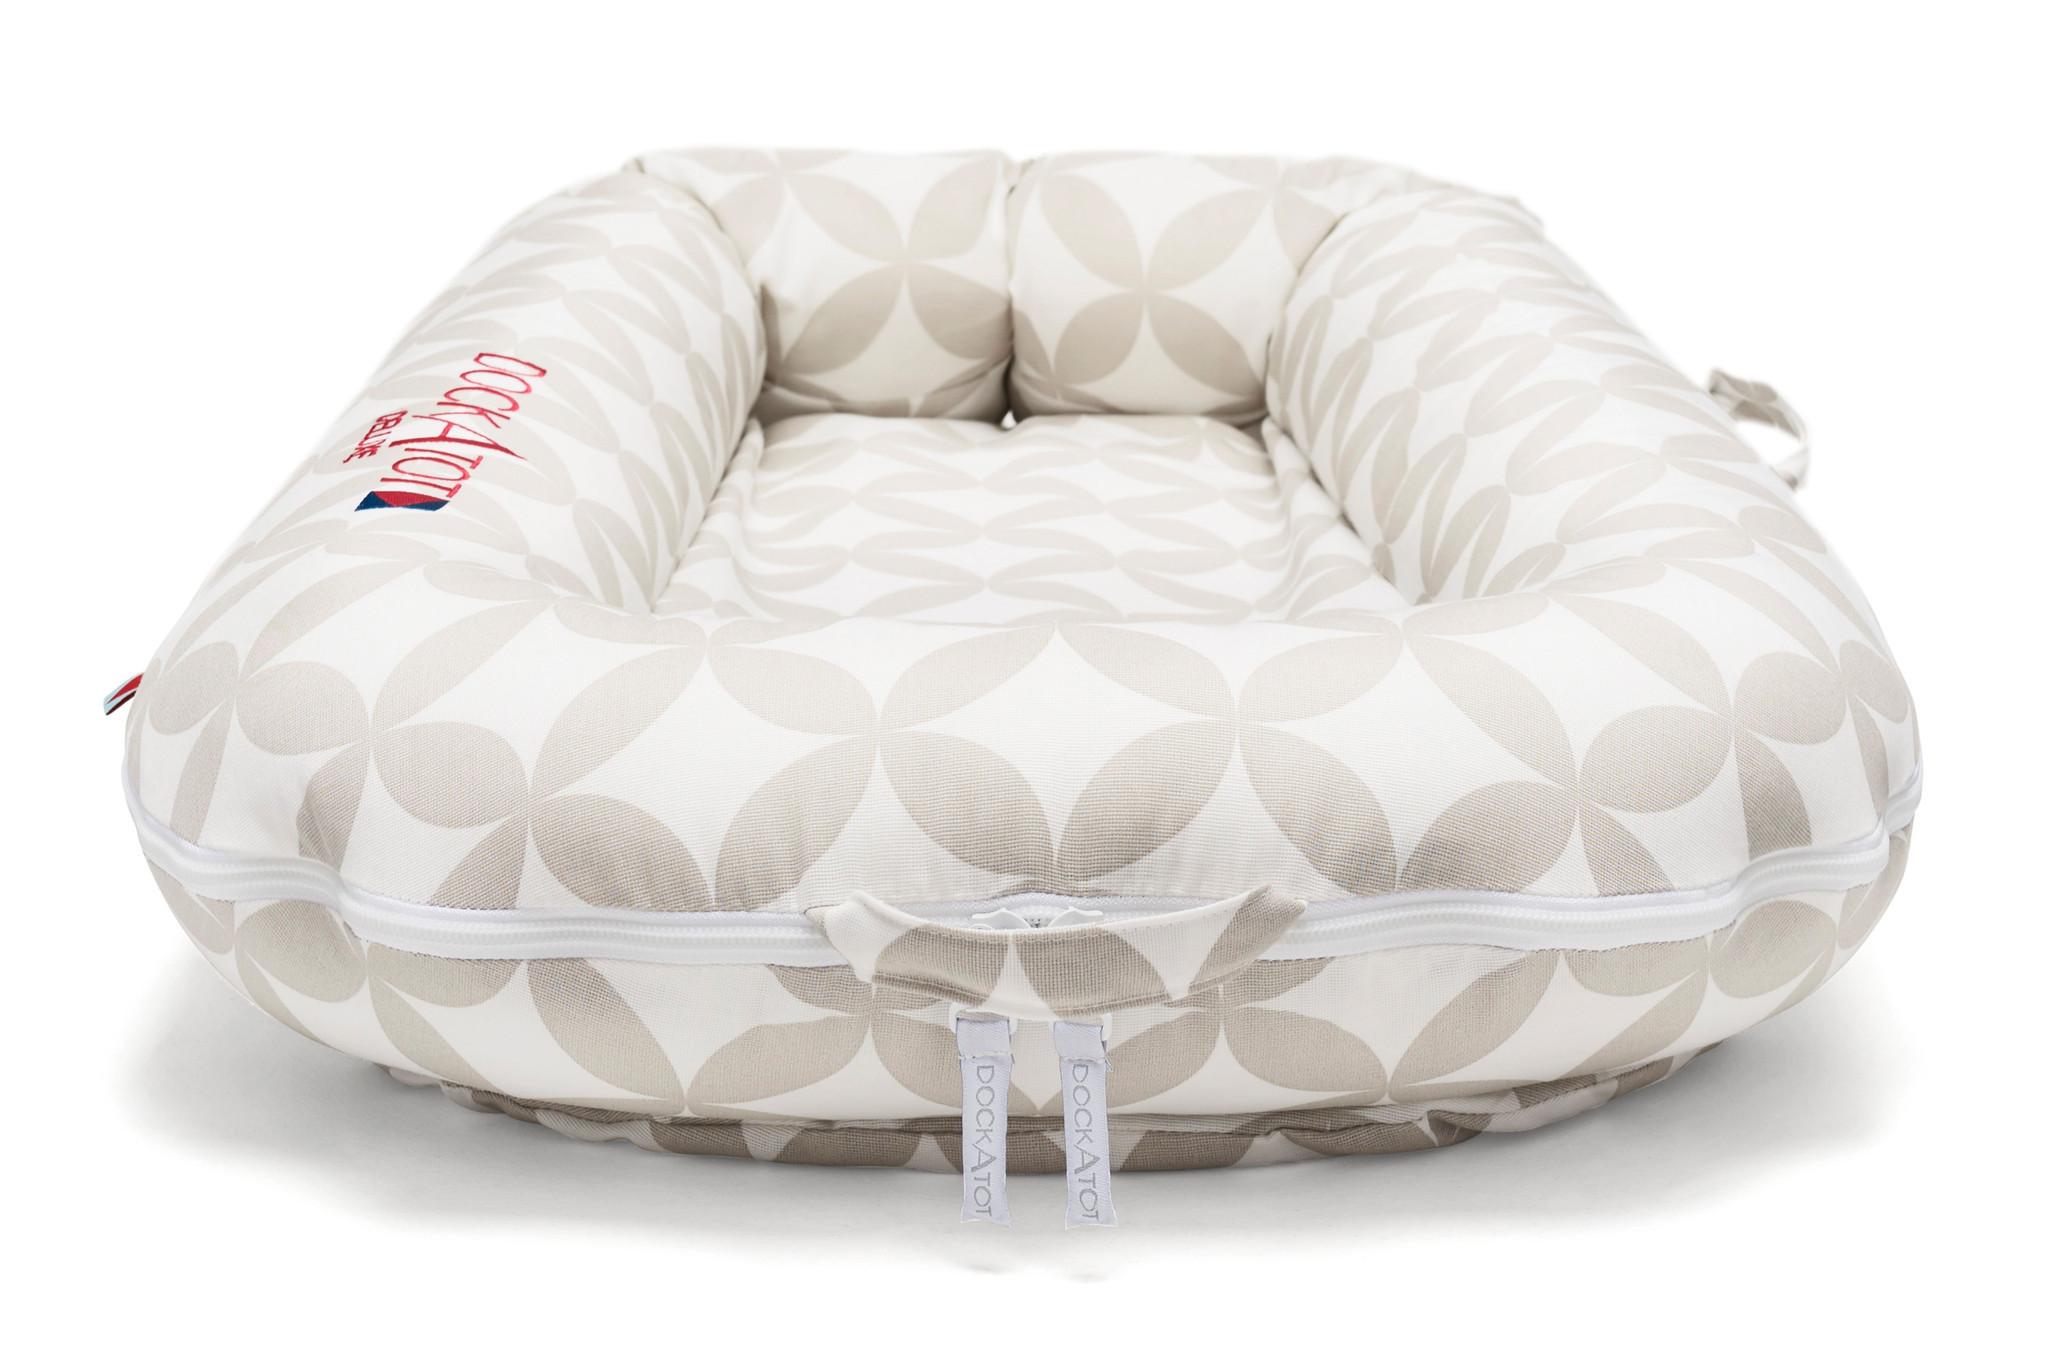 dockatot deluxe  dream weaver  baby lounger pillows perfect for  - dockatot deluxe  dream weaver  baby lounger pillows perfect forcosleeping